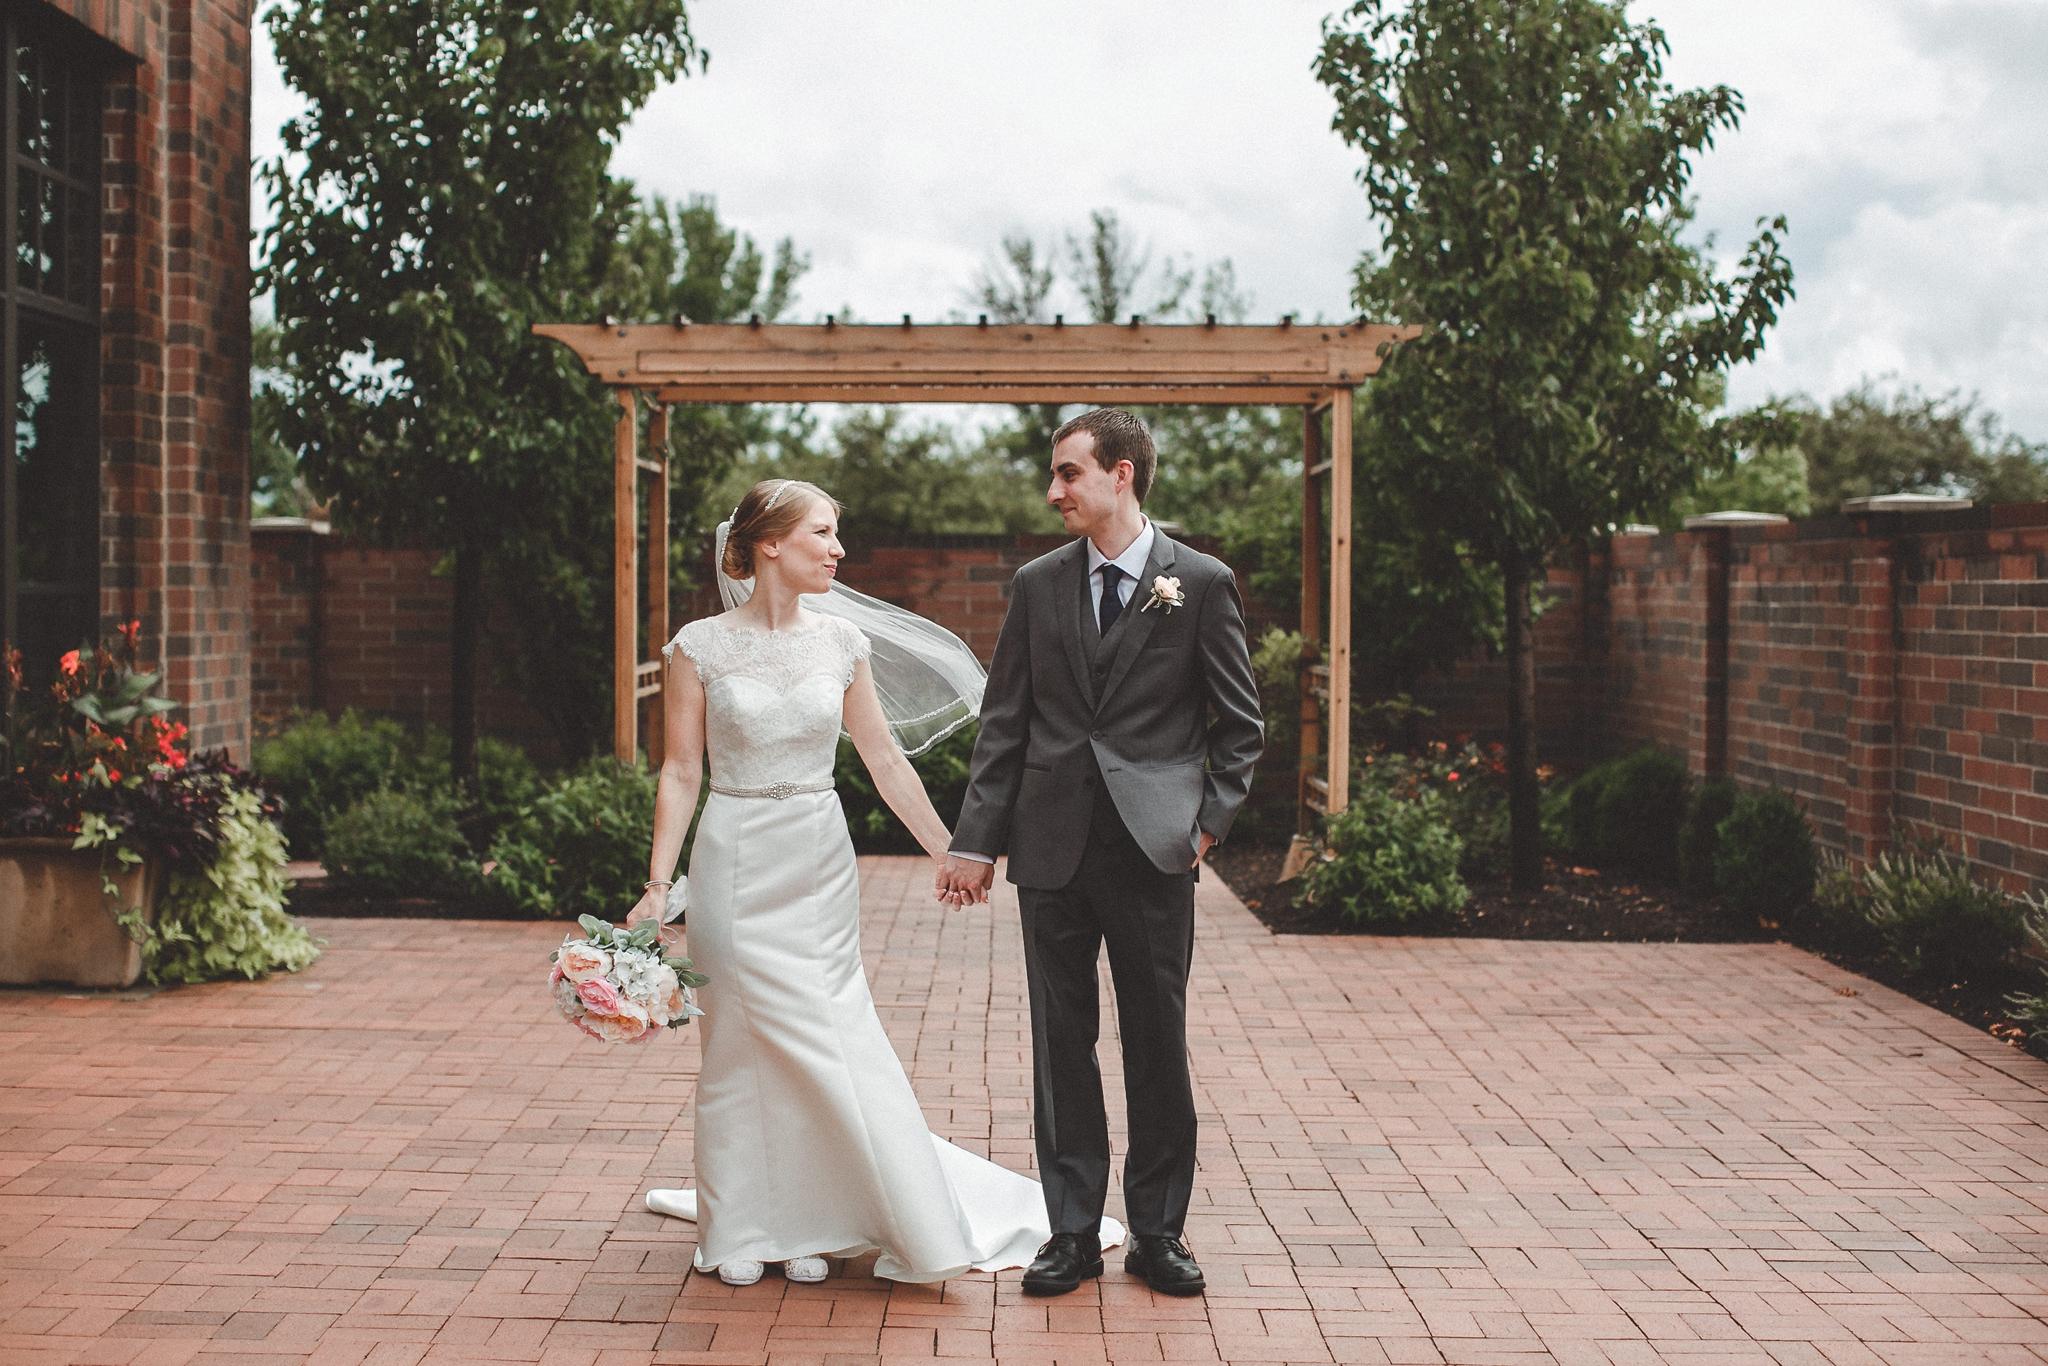 noahs_event_venue_naperville_IL_wedding_photographer_0027.jpg